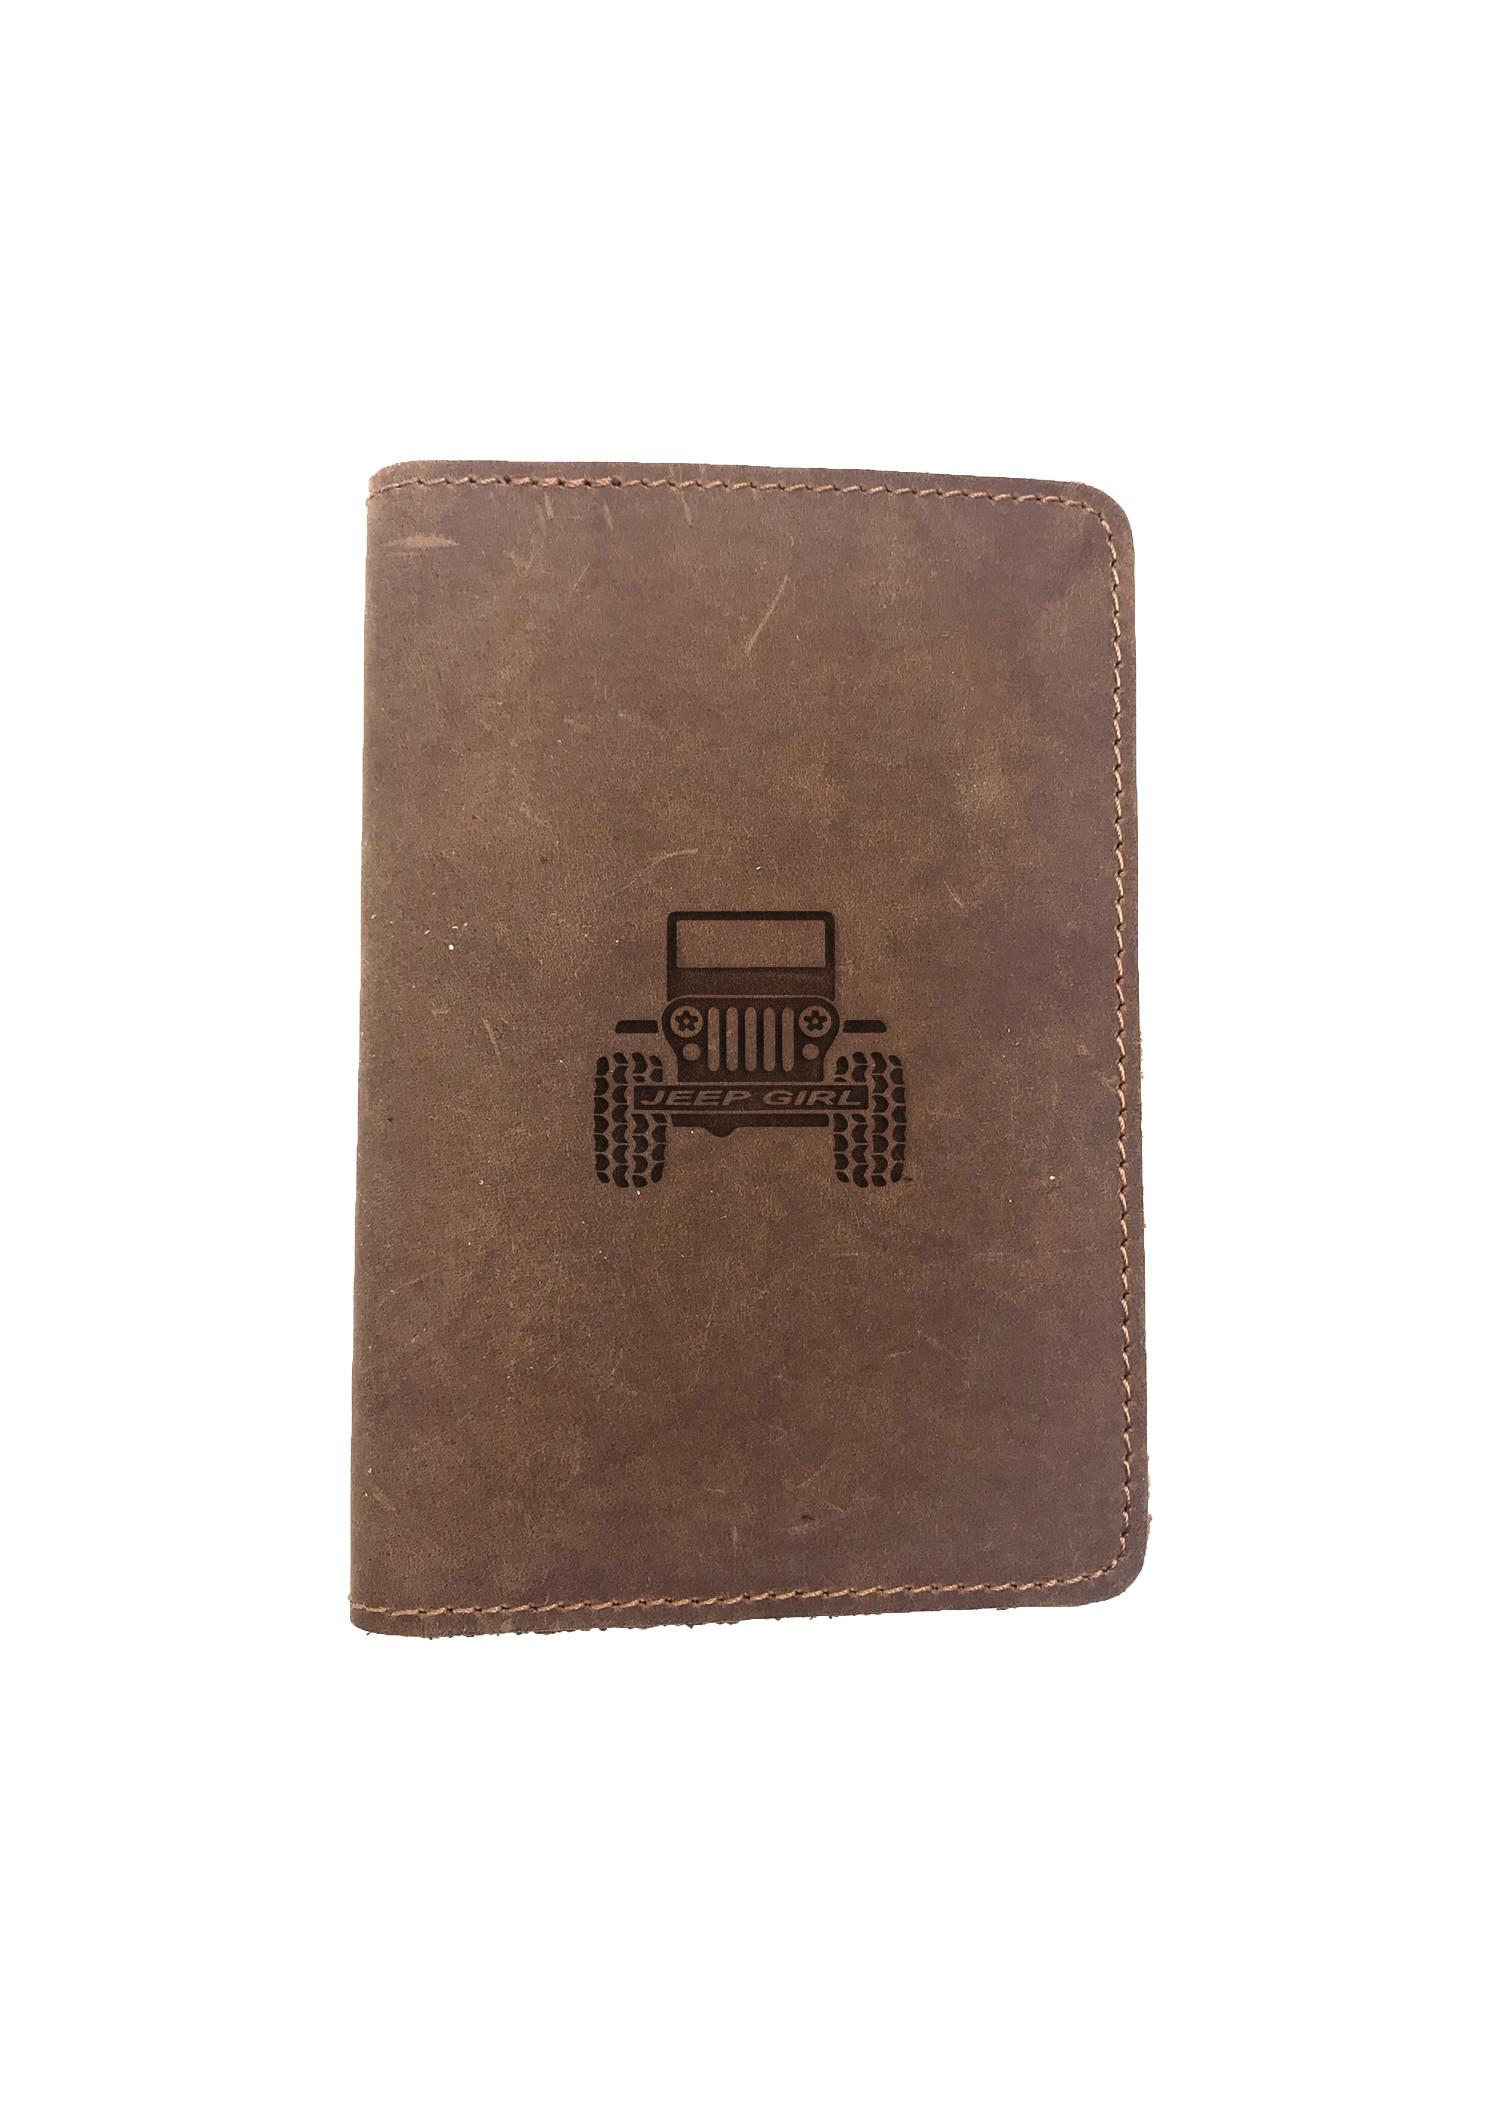 Passport Cover Bao Da Hộ Chiếu Da Sáp Khắc Hình Cô gái JEEP GIRL (BROWN)